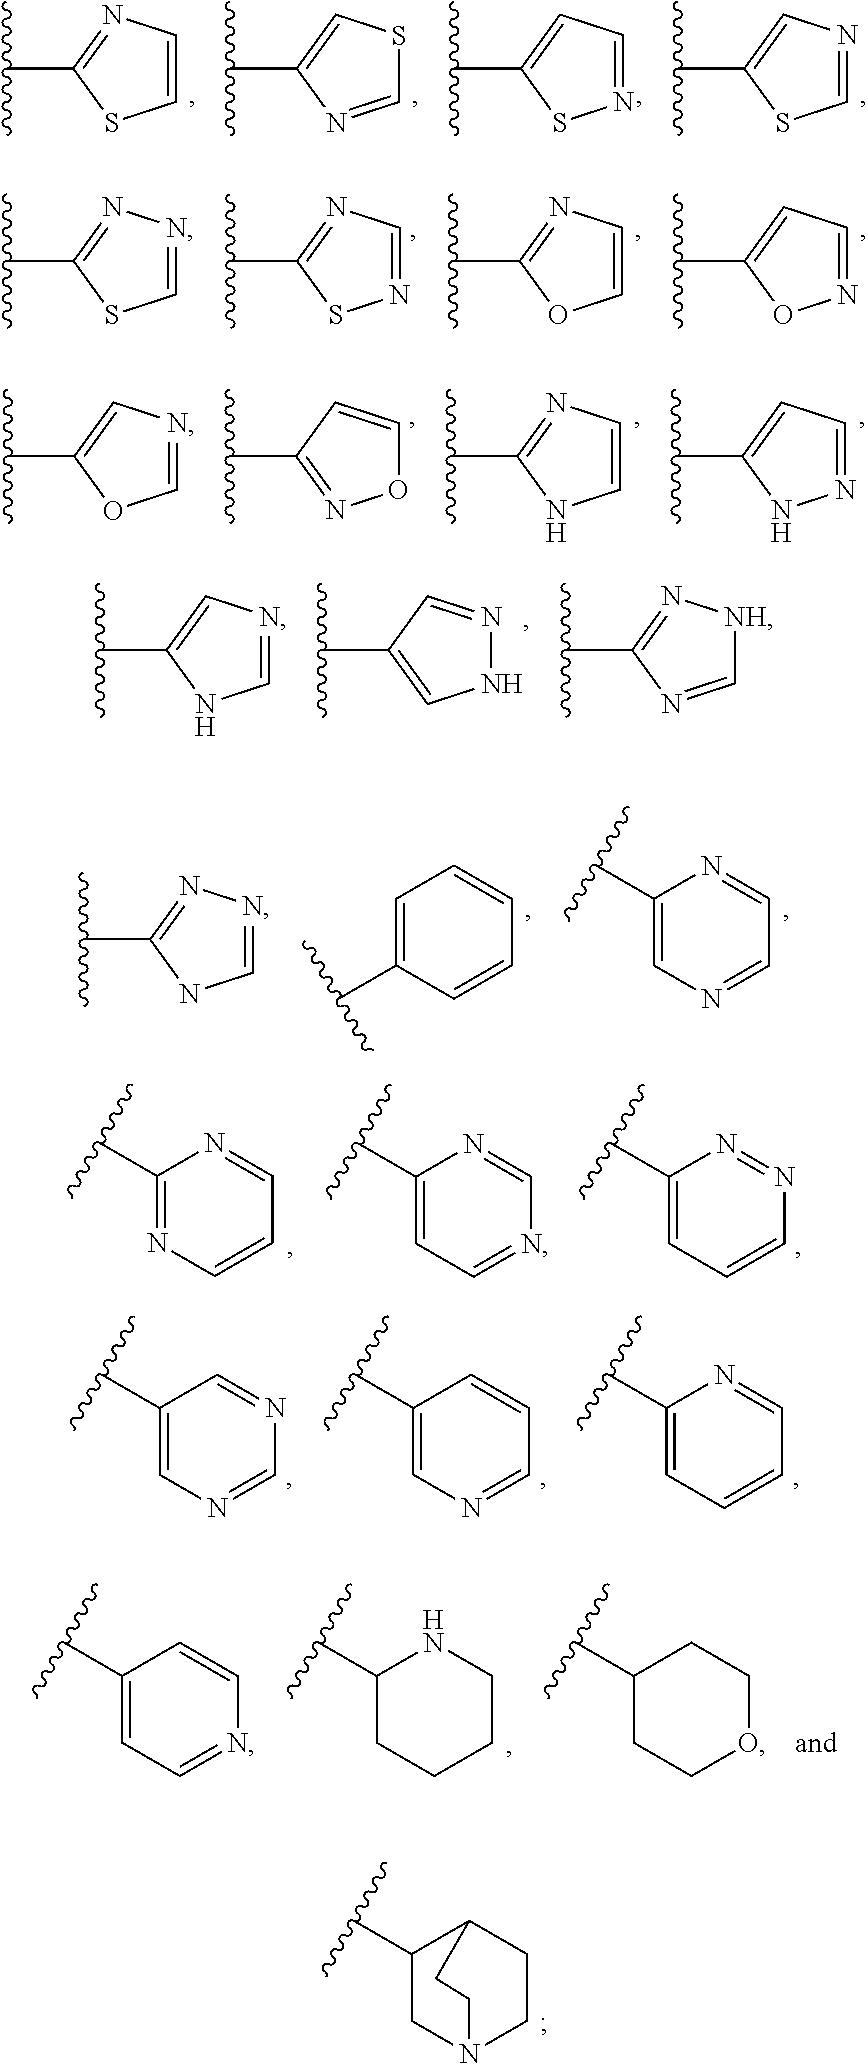 Figure US09326986-20160503-C00017